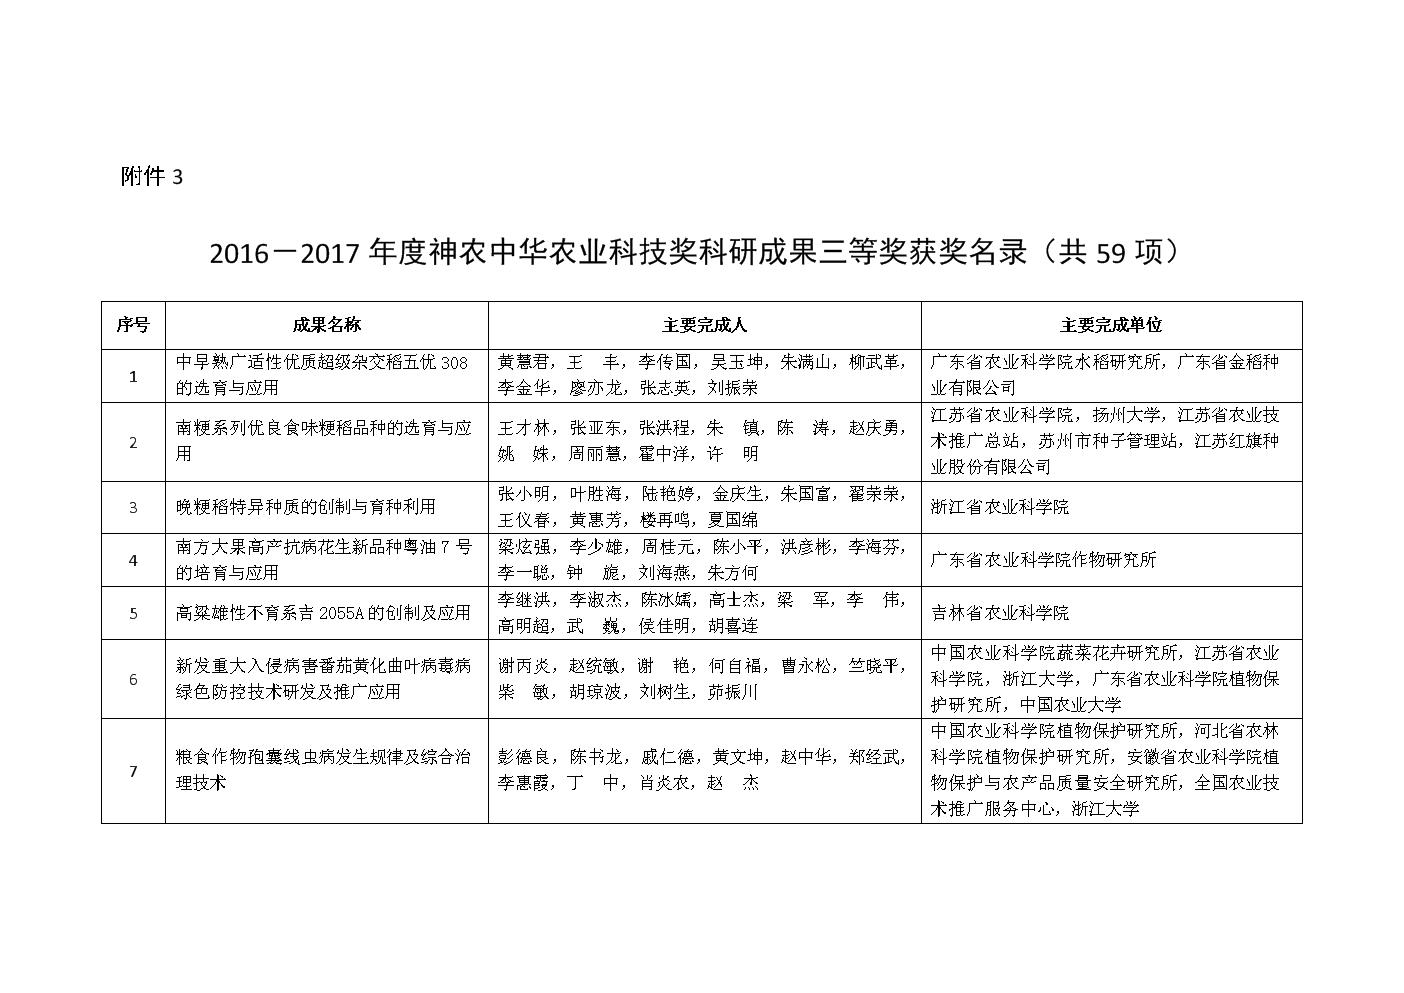 《2016-2017神农中华农业科技奖科研成果三等奖-农业部.DOC》